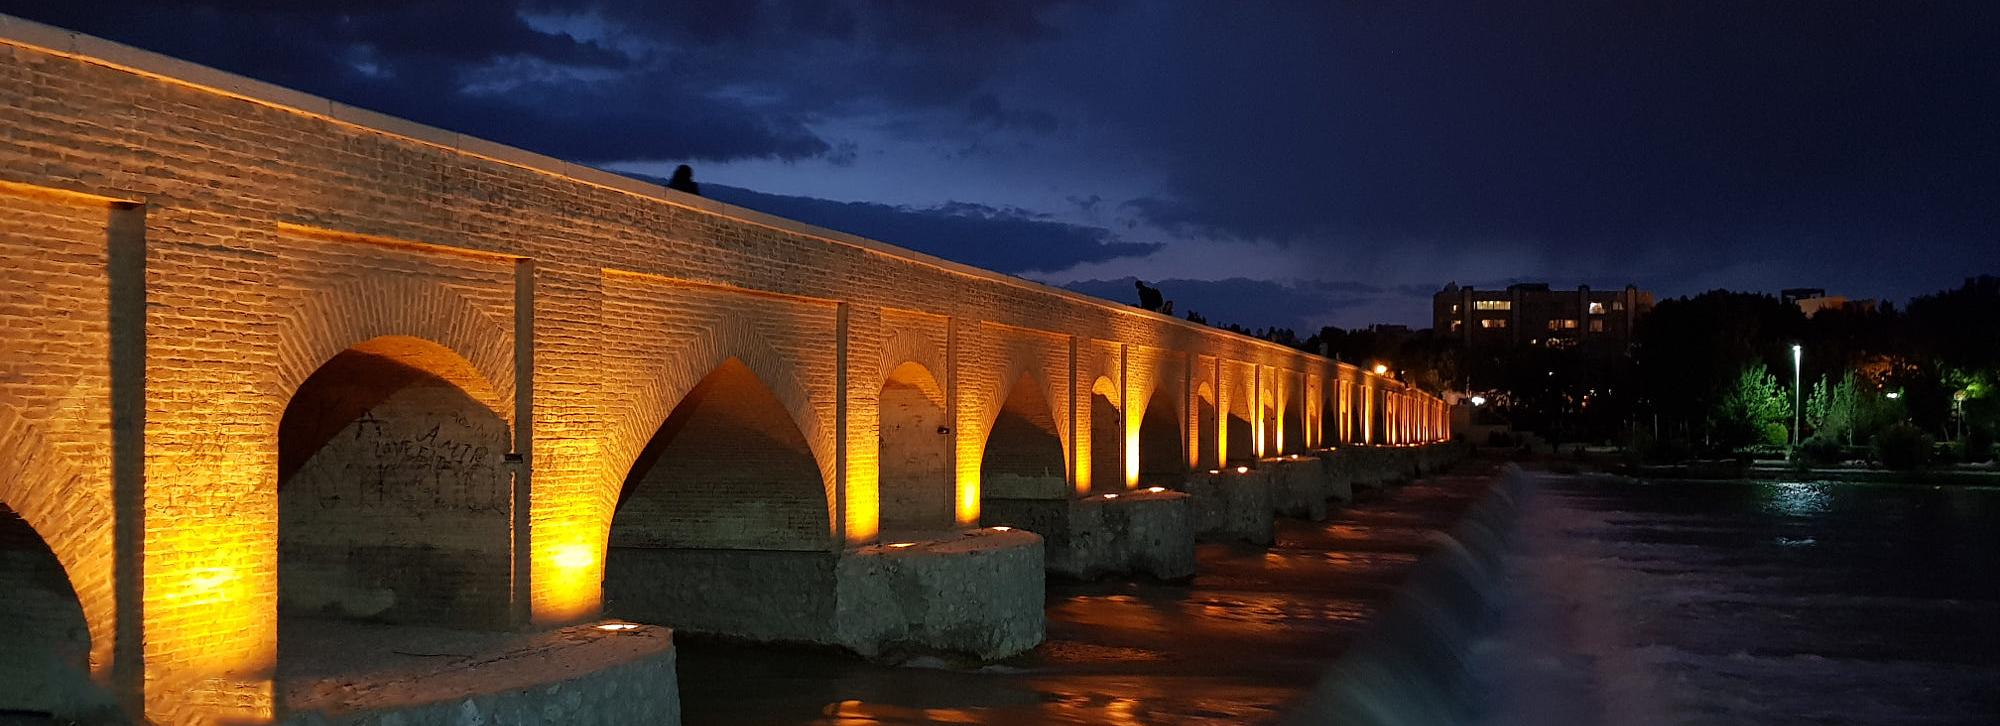 isfahan molassess